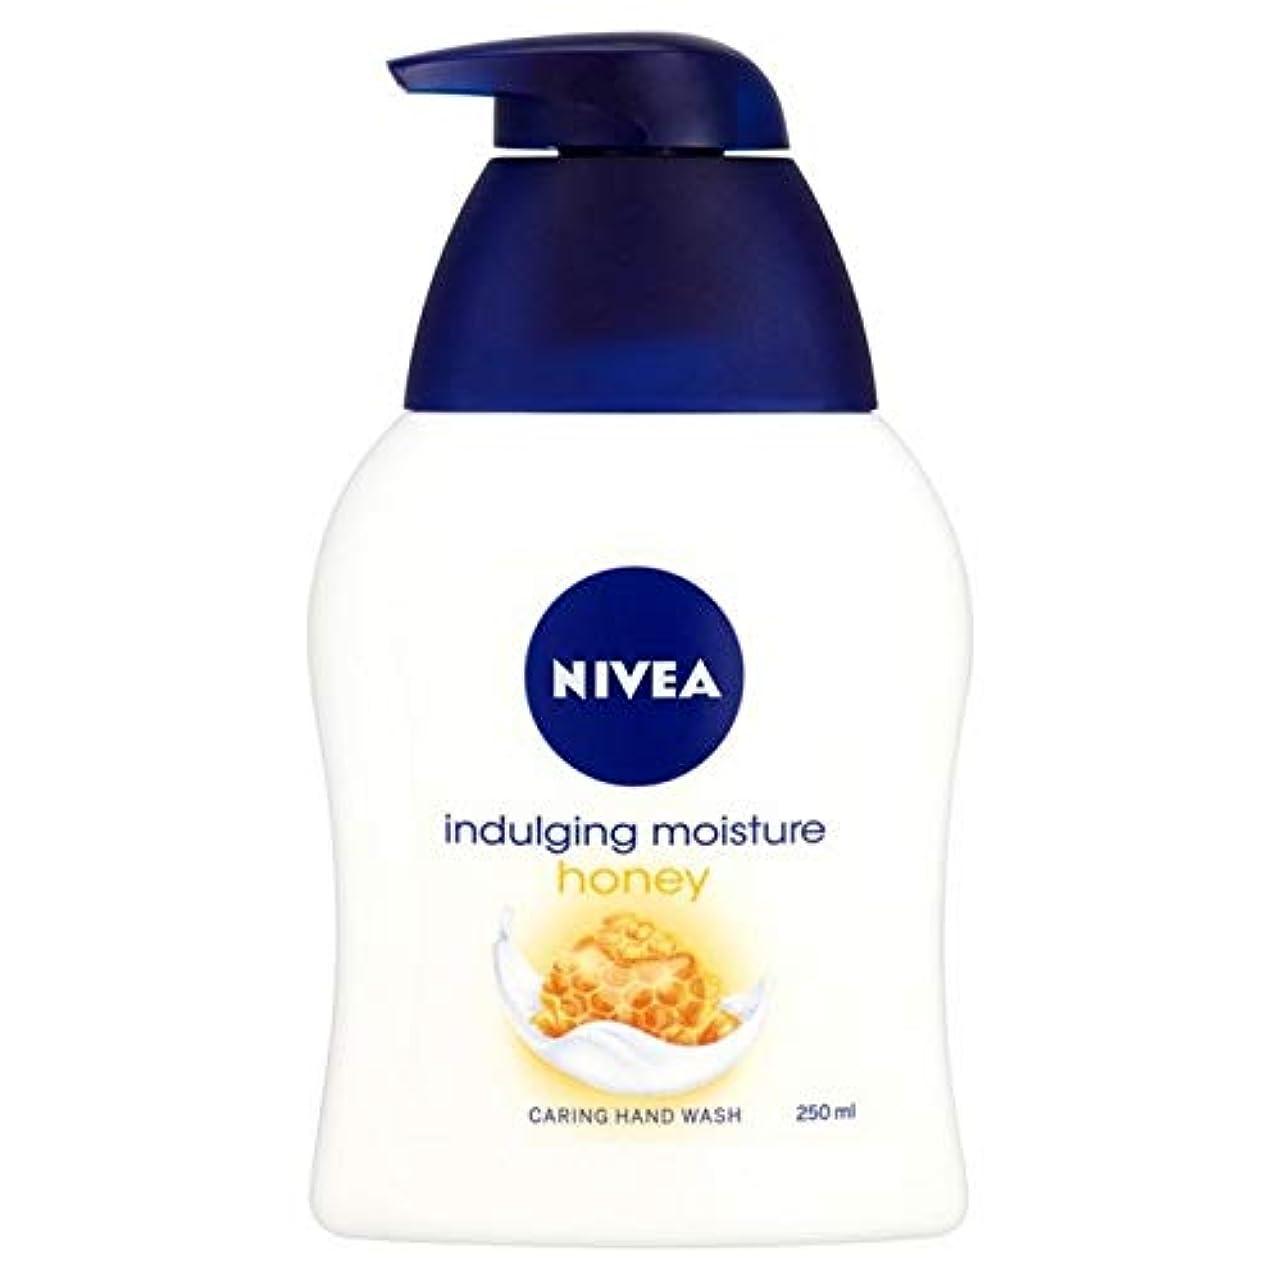 トーク貝殻ロイヤリティ[Nivea ] ニベアふける水分蜂蜜思いやり手洗いの250ミリリットル - Nivea Indulging Moisture Honey Caring Hand Wash 250ml [並行輸入品]